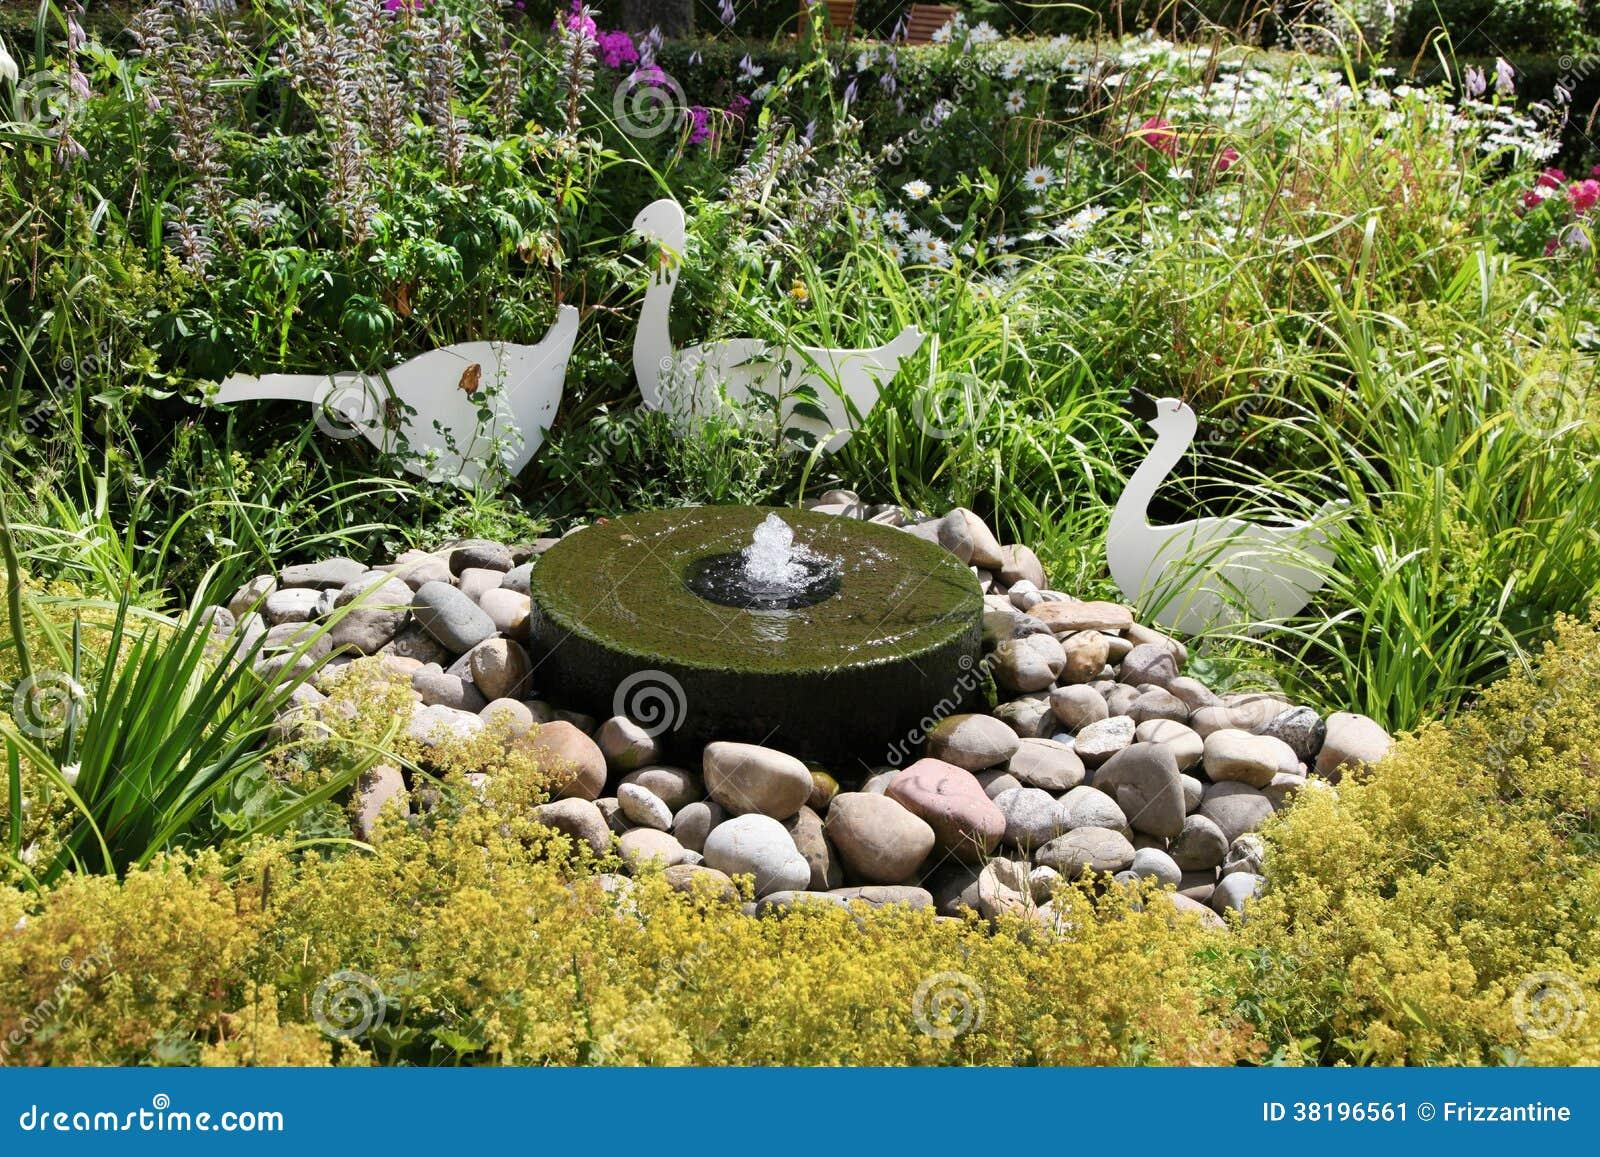 Sluit omhoog van een fontein met stenen en installaties bij een tuin stock afbeelding - Decoratie stenen tuin ...